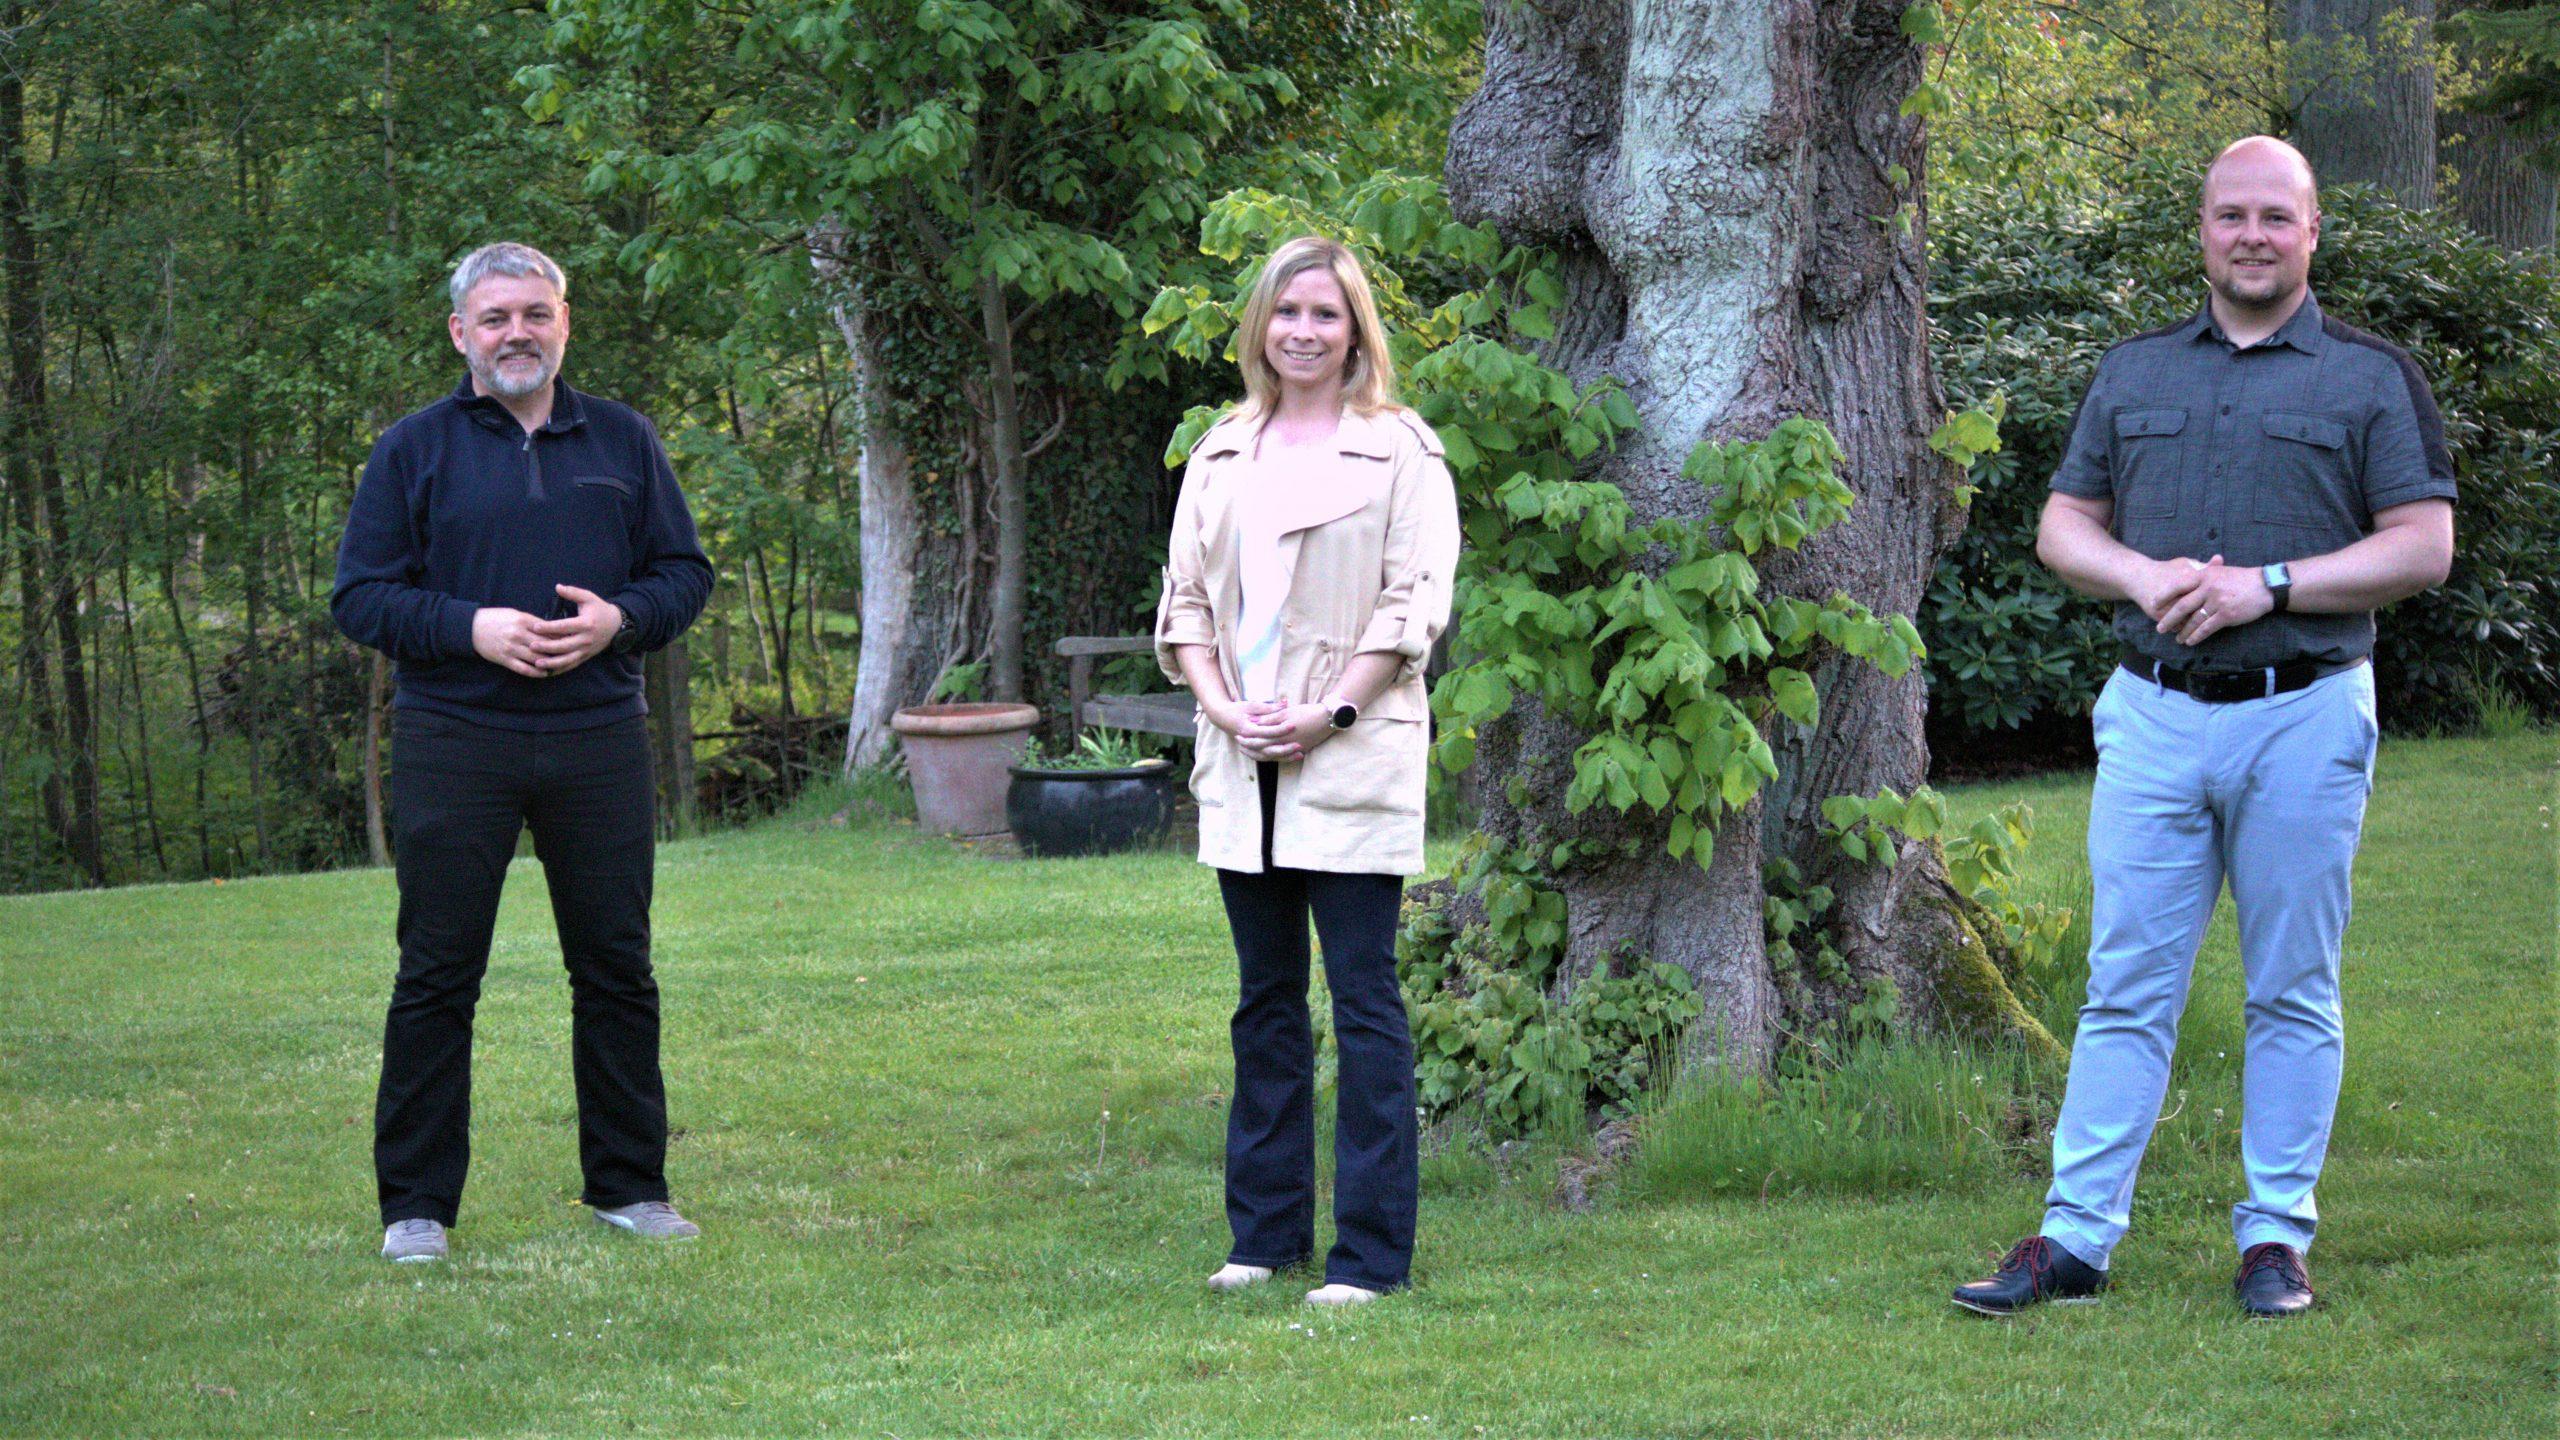 neuer Vorstand - Bild zeigt Vorsitzender Matthias Möncher (r.) und die stellv. Vorsitzenden Mareike Kling und Torsten Ahrens